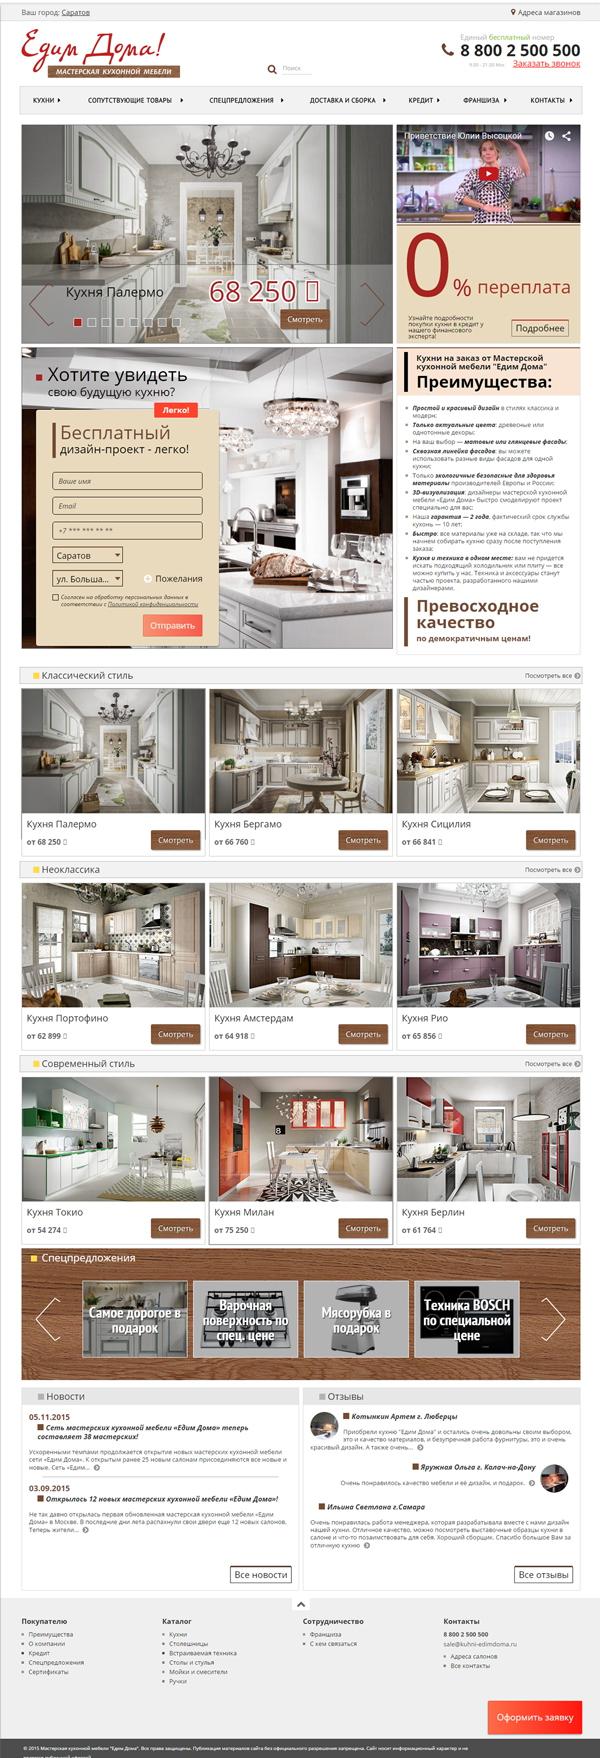 Кухни едим дома каталог фото и цены 2016 года официальный сайт